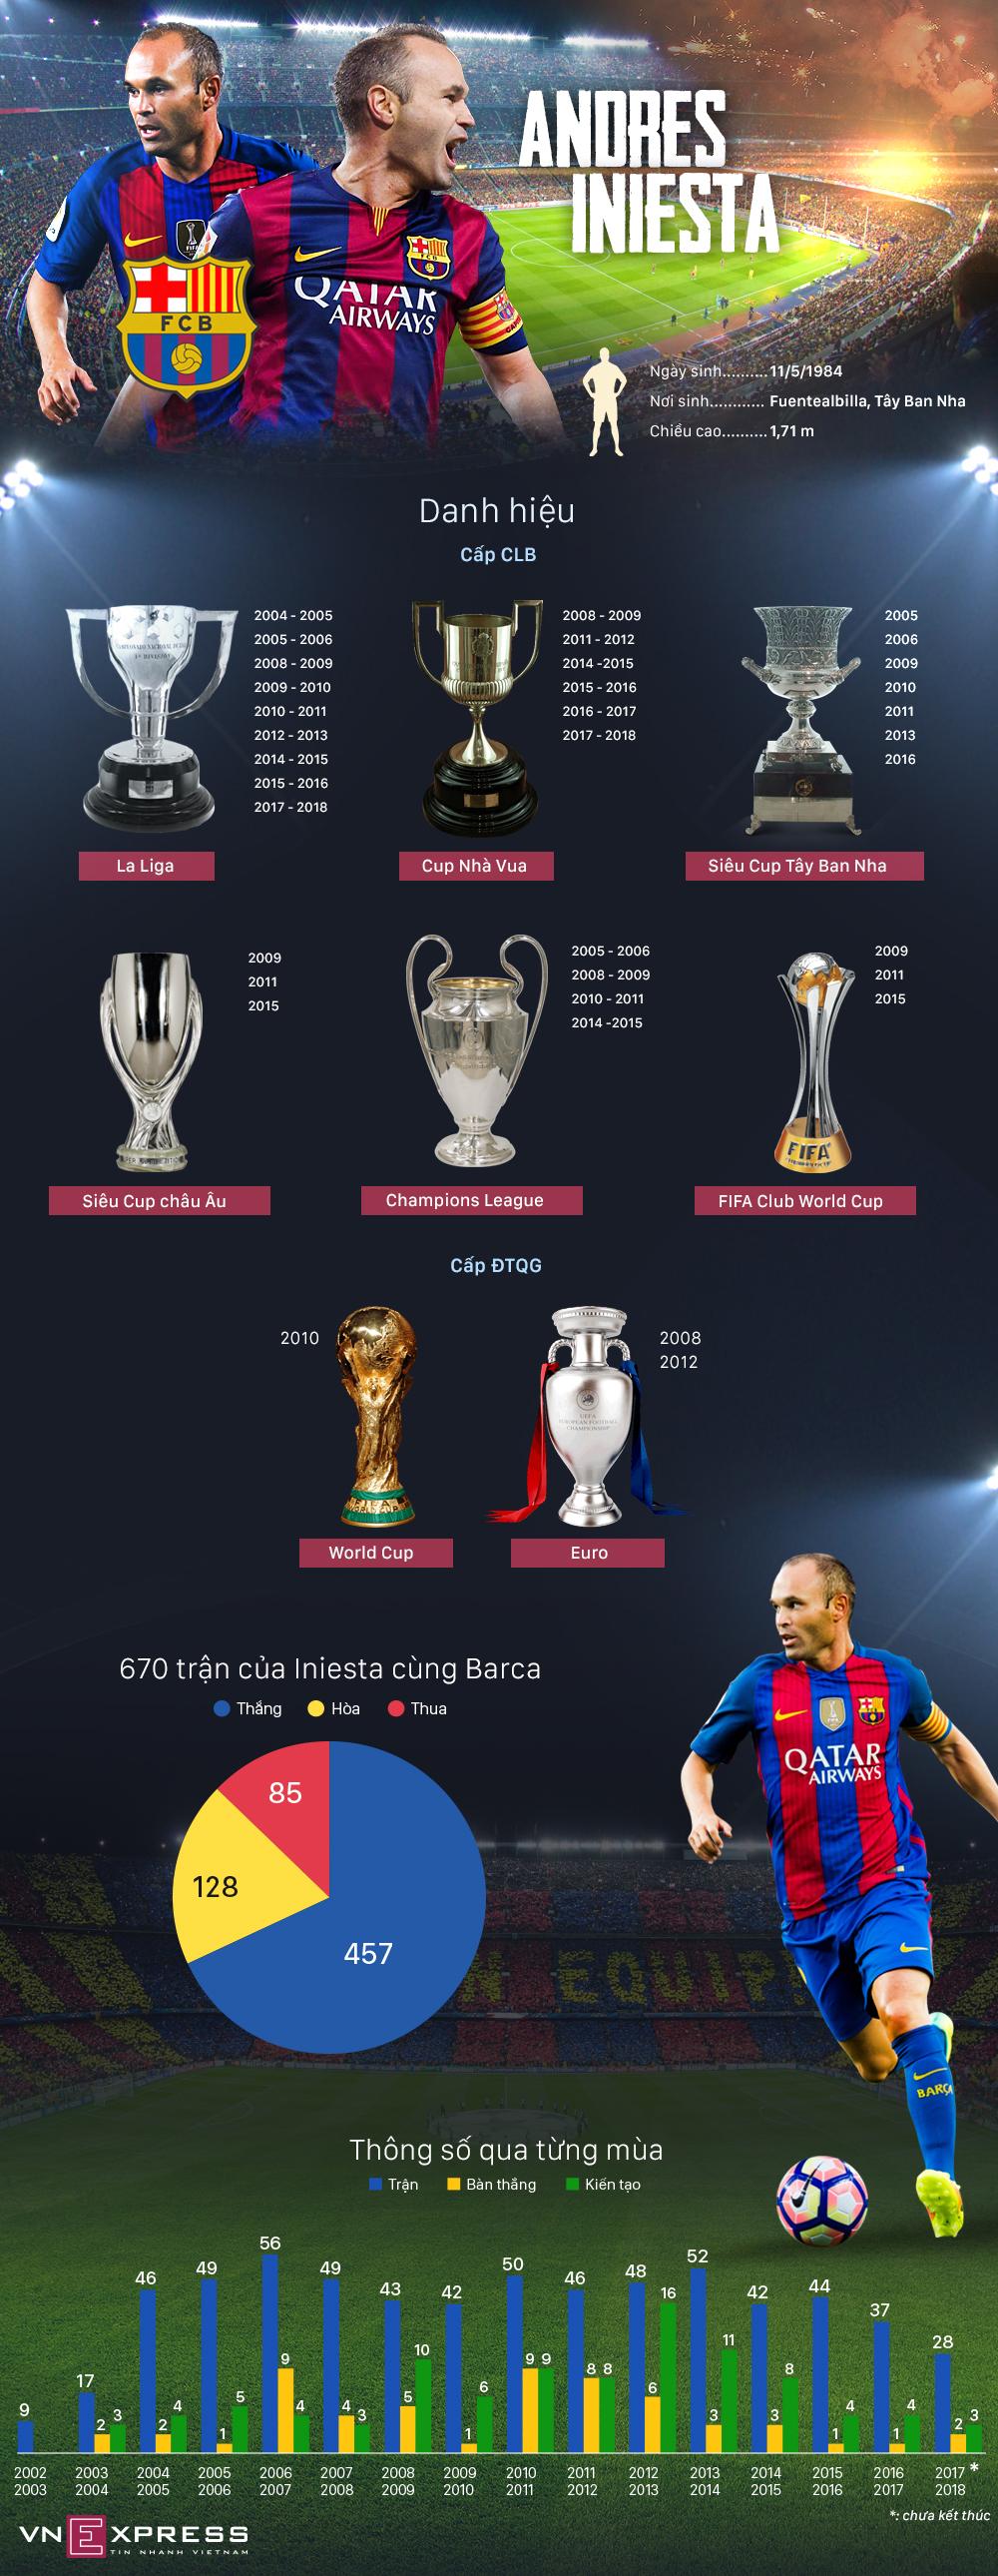 Andres Iniesta cống hiến như thế nào trong 22 năm ở Barca